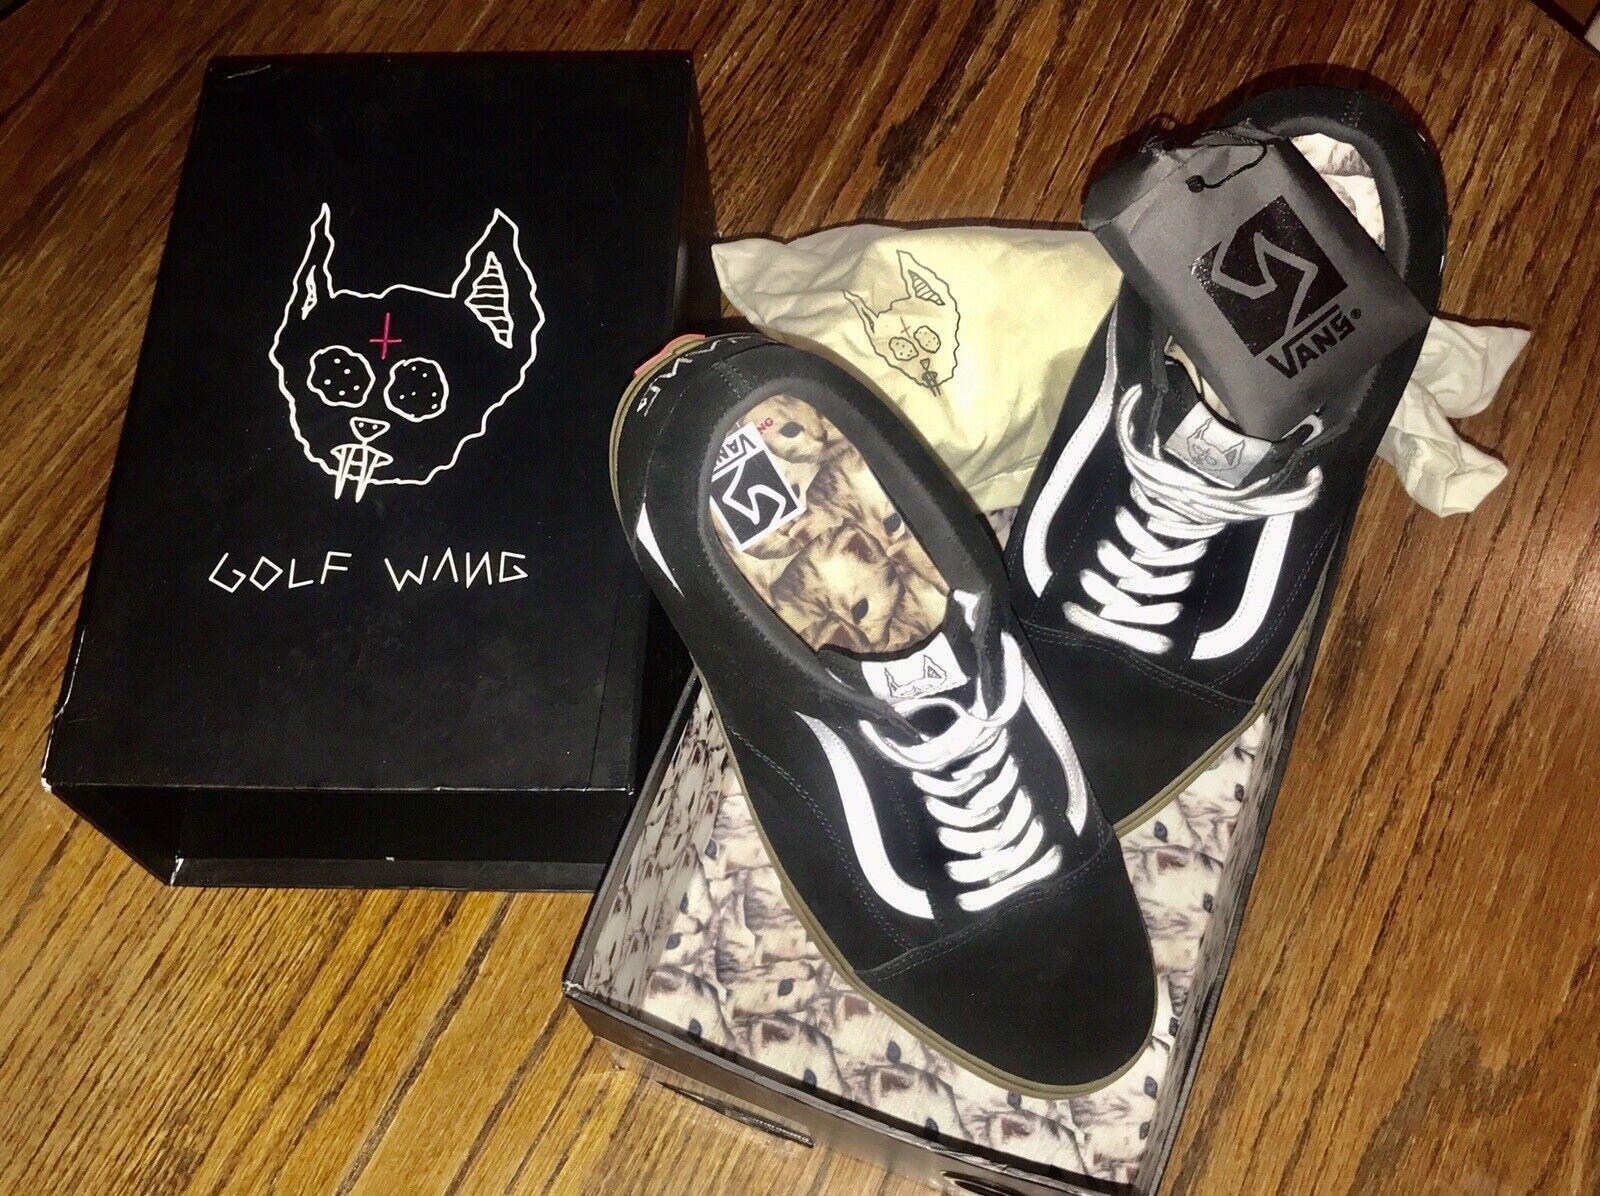 خذ دواء يزور خائب الامل Golf Wang Syndicate Vans For Sale Outofstepwineco Com